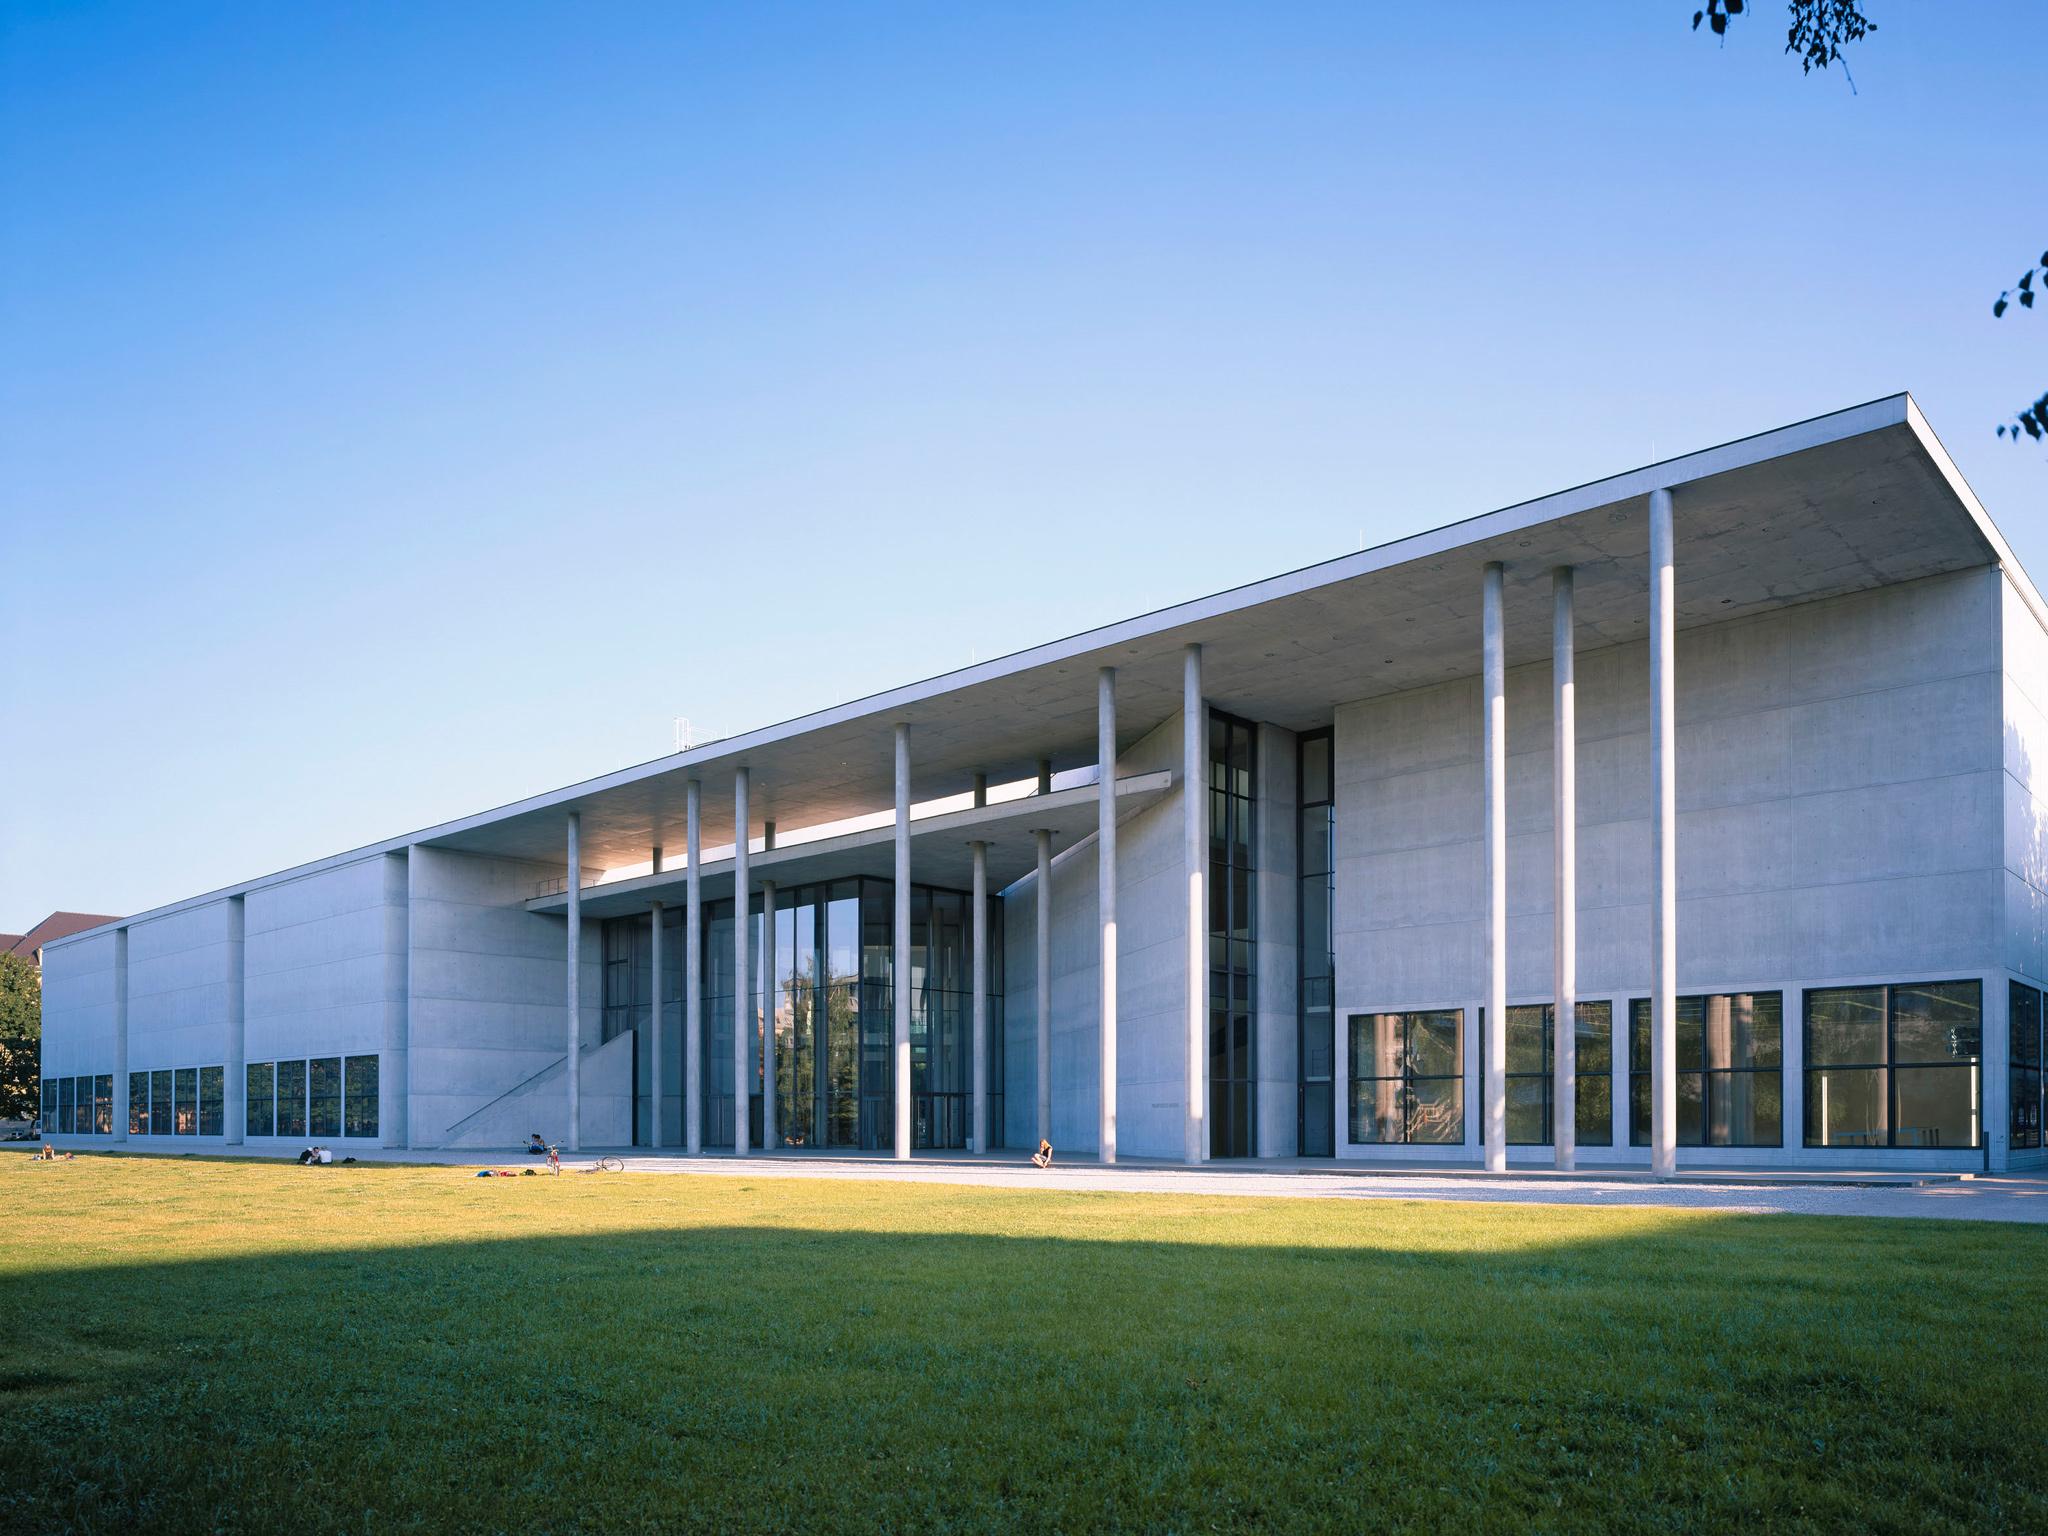 The exterior of the Pinakothek der Moderne art museum